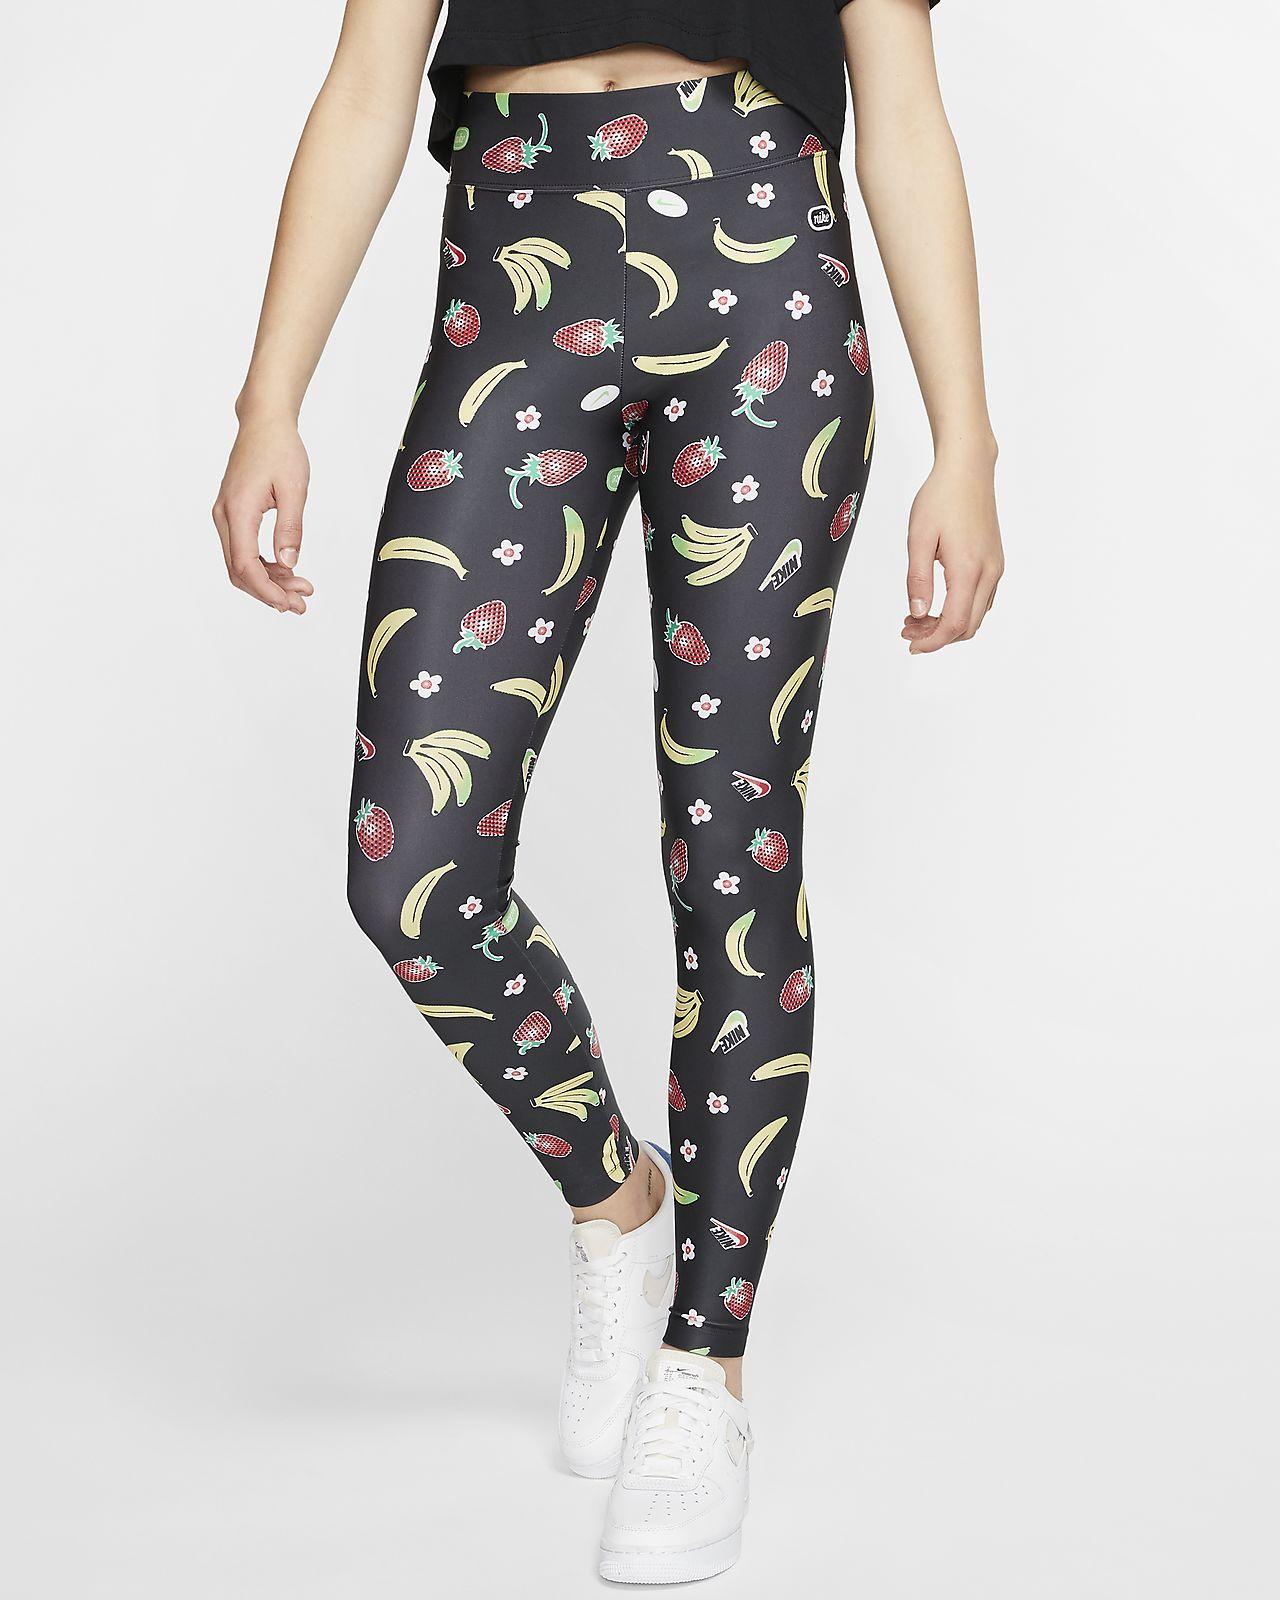 Leggings de cintura alta con estampado para mujer Nike Sportswear